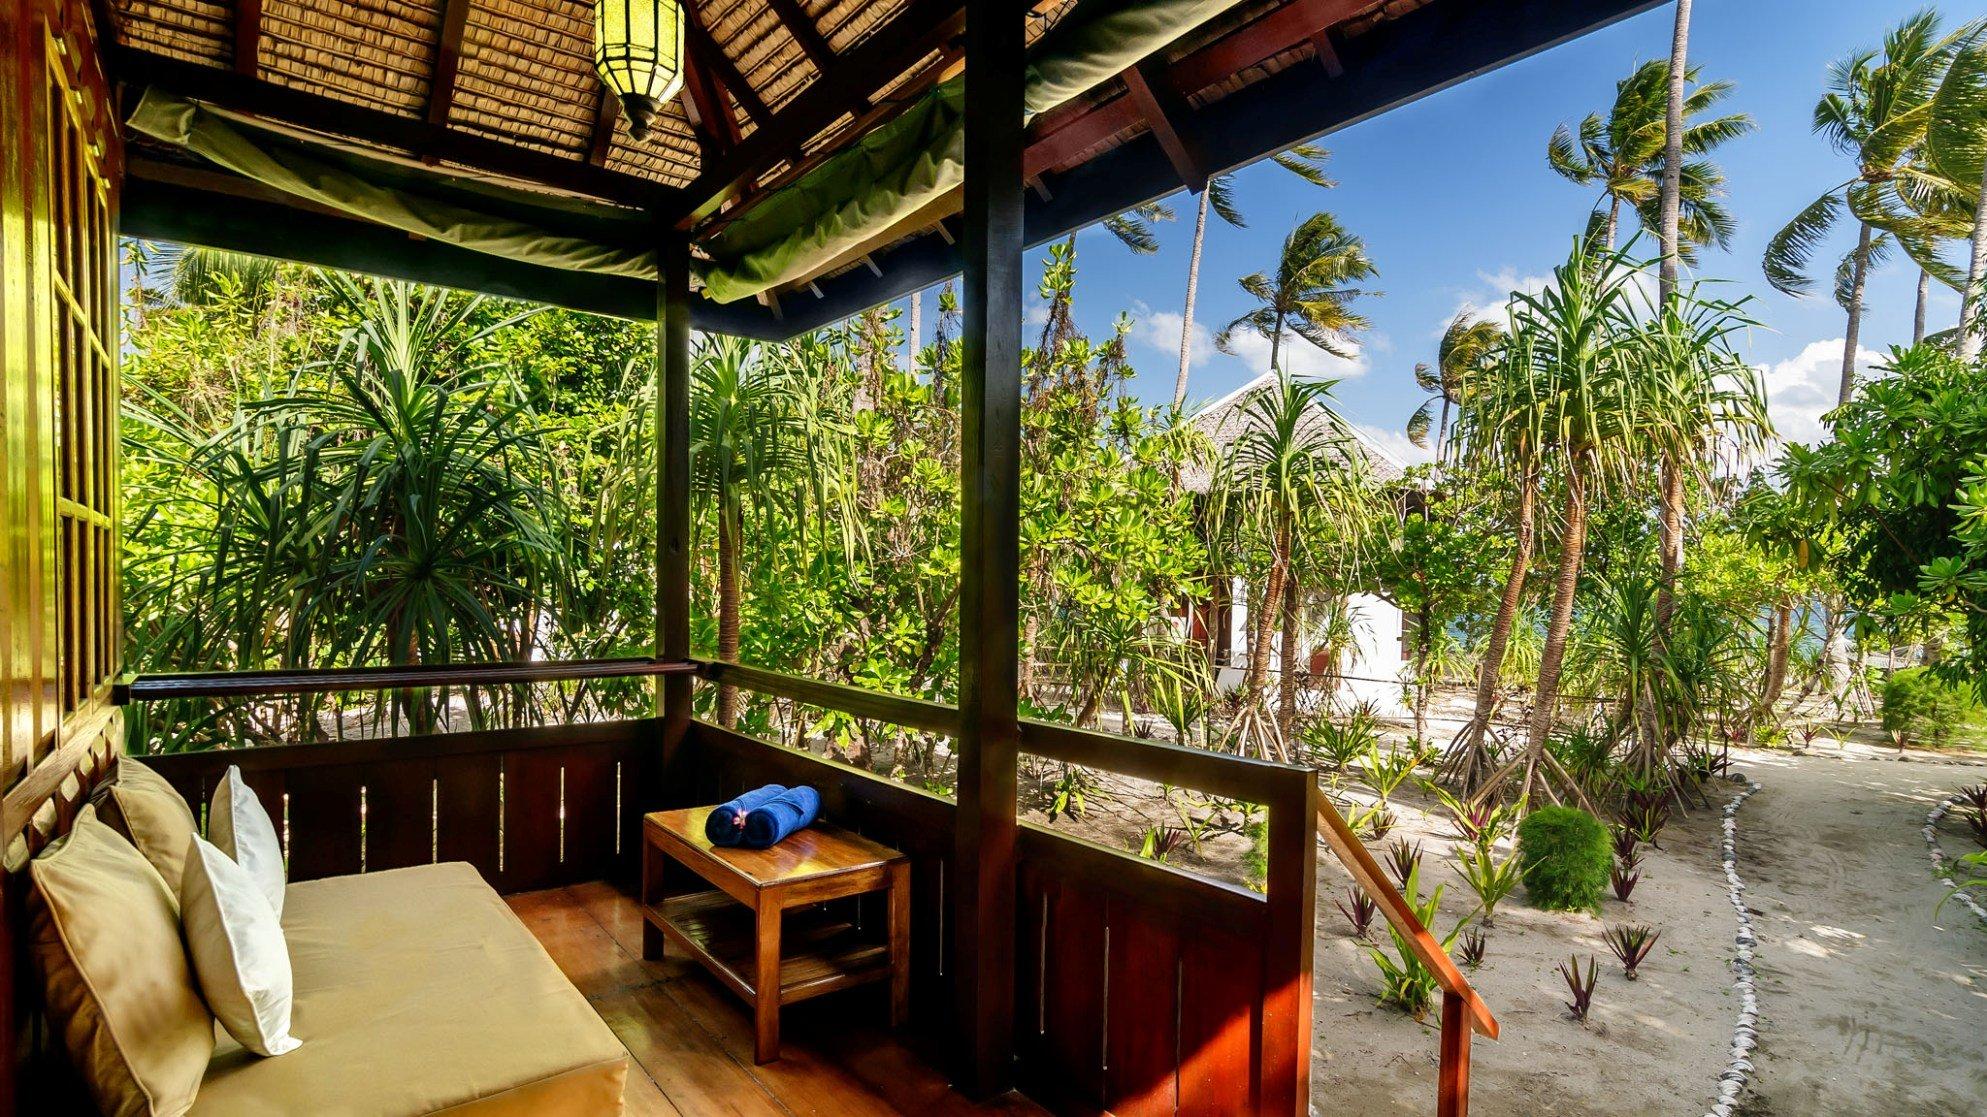 Wakatobi Palm bungalow